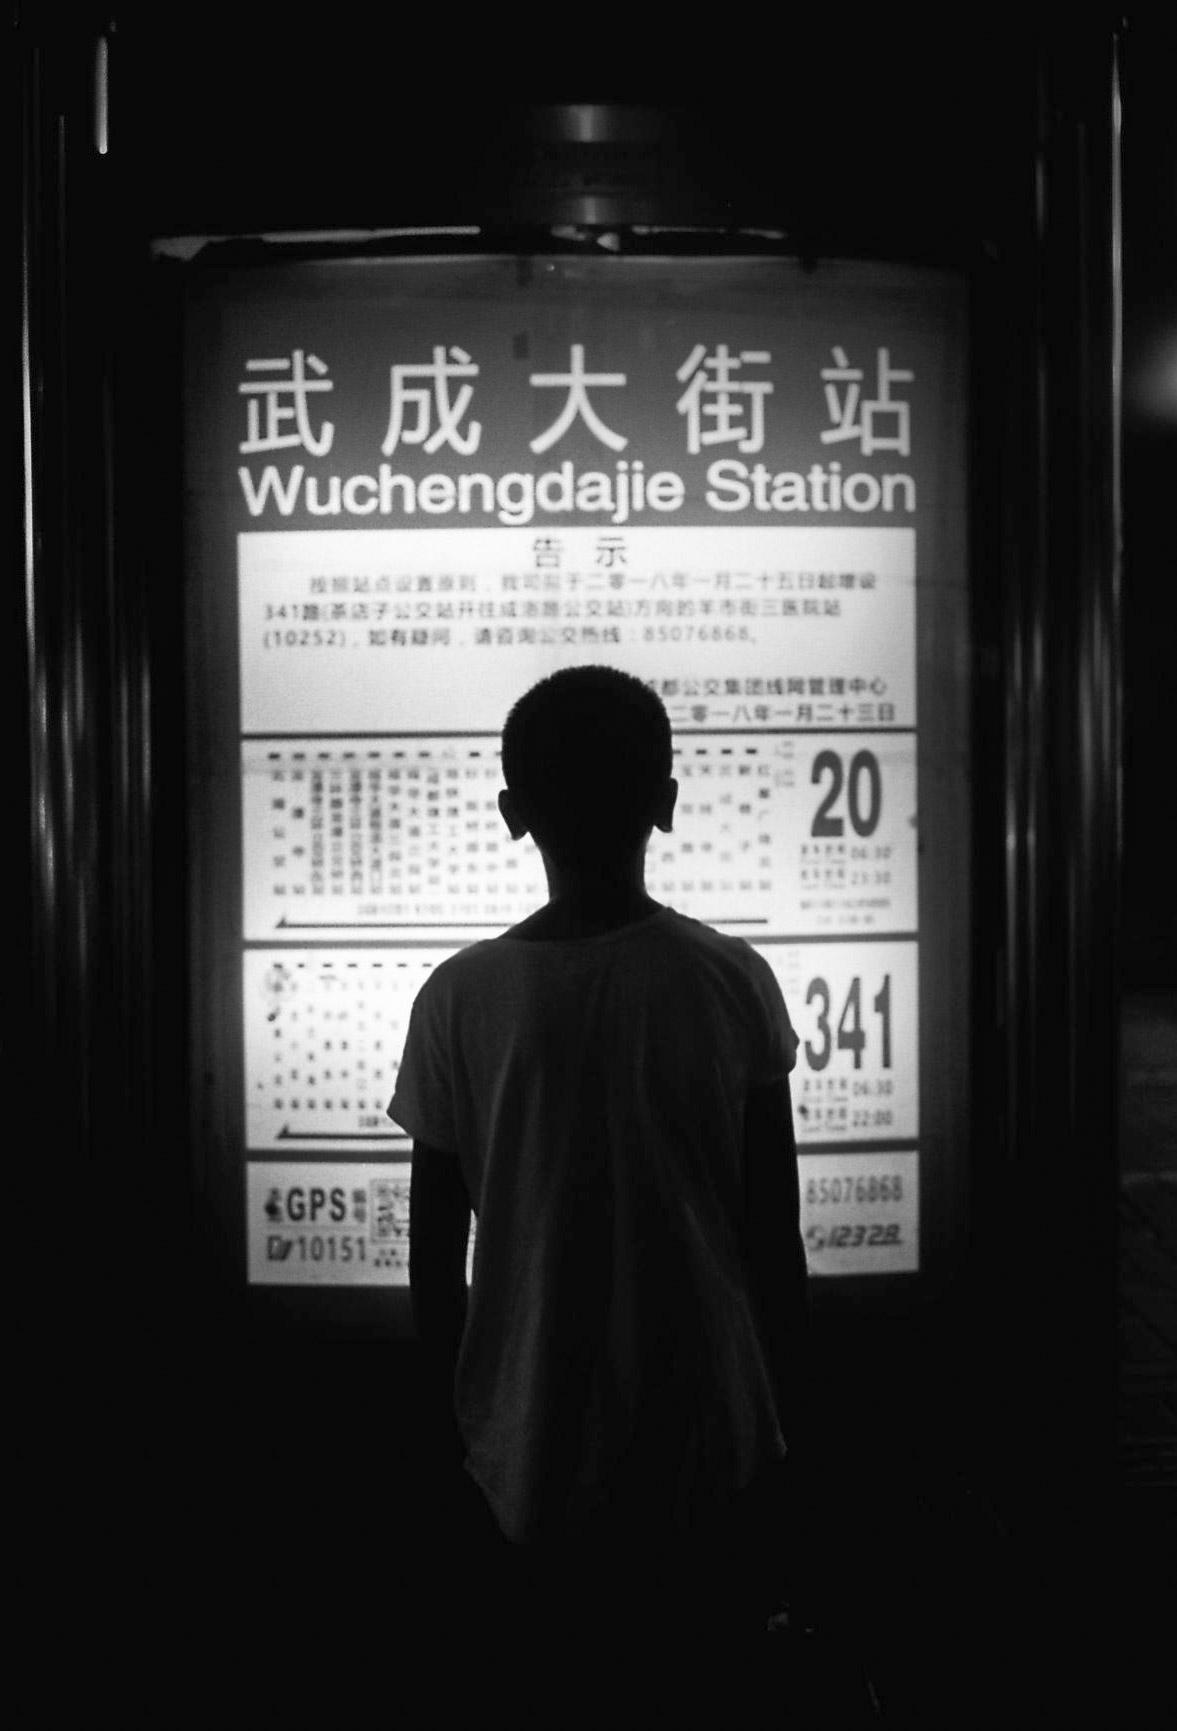 Wuchengdajia Station. Chengdu, 2018.